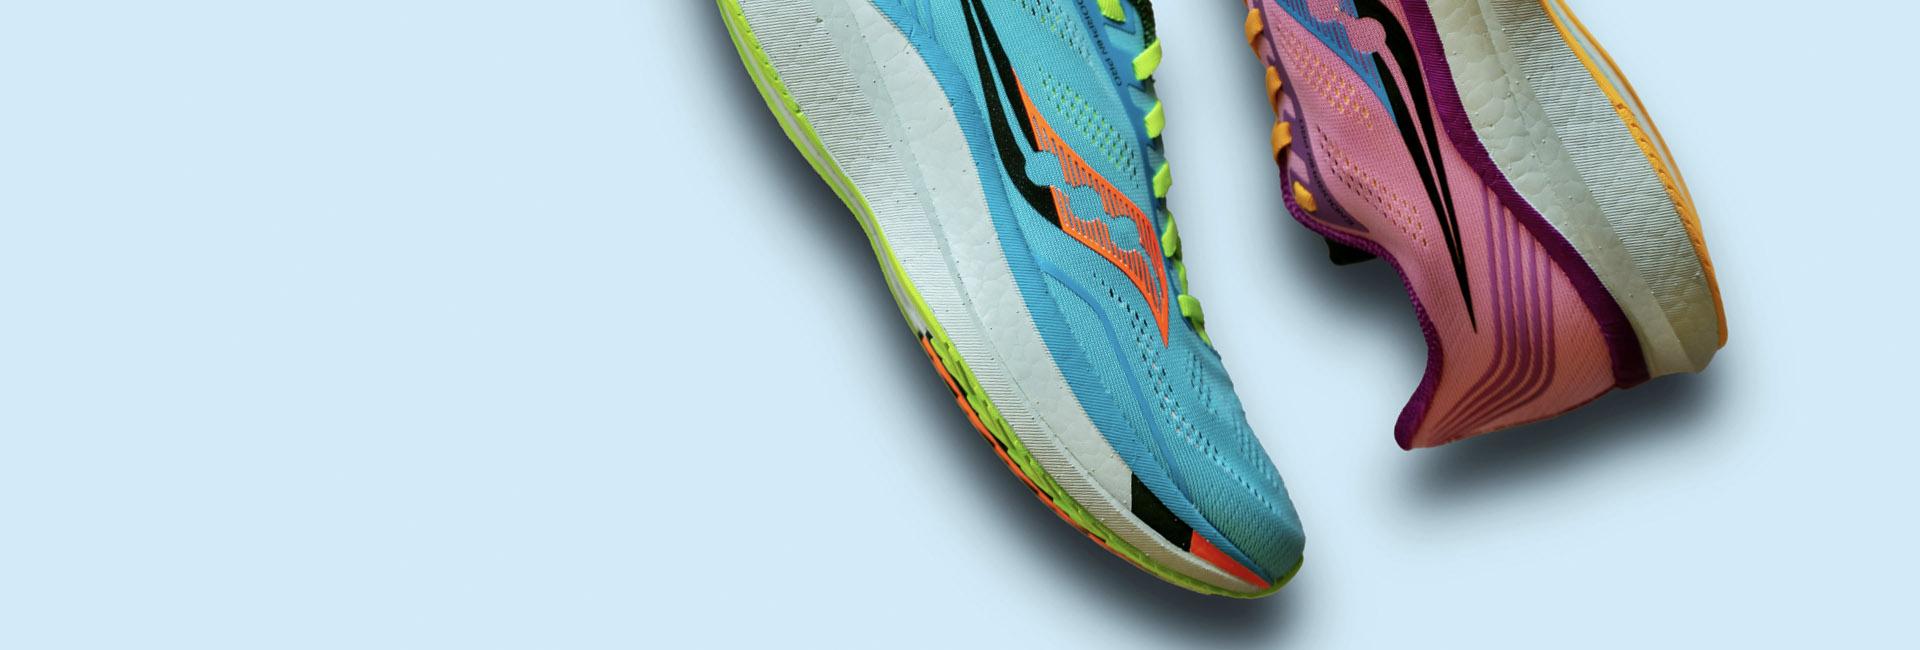 Shop løbesko og løbetøj online til dame og herre. Fri fragt.